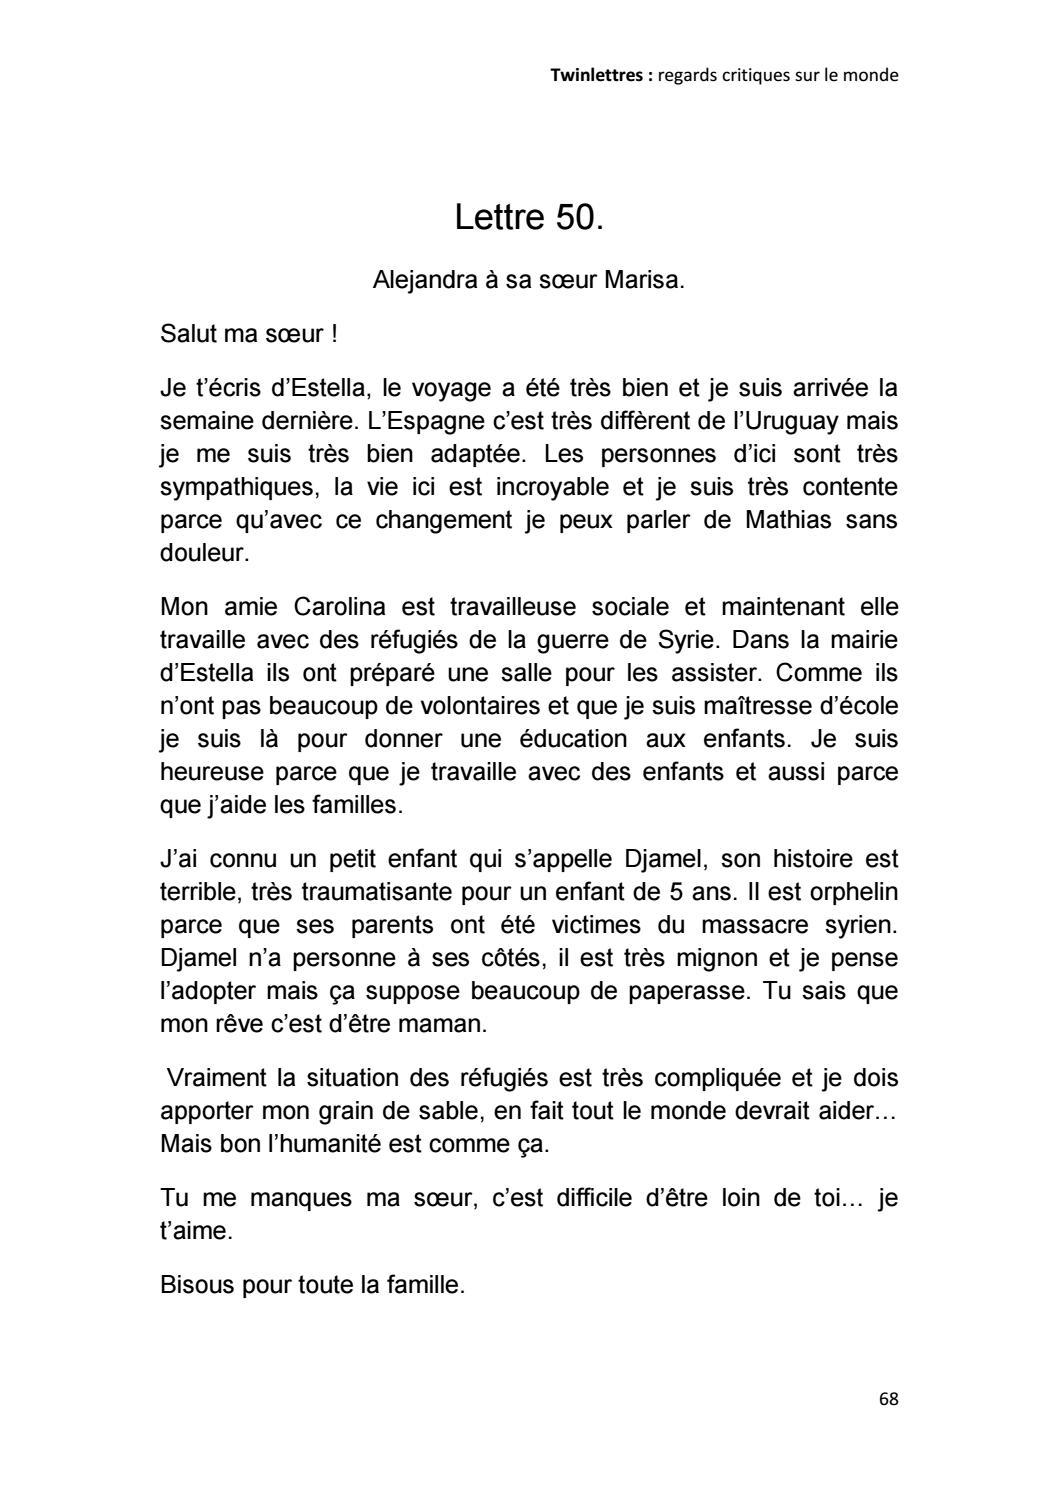 Twinlettres Regards Critiques Sur Le Monde By Hélène